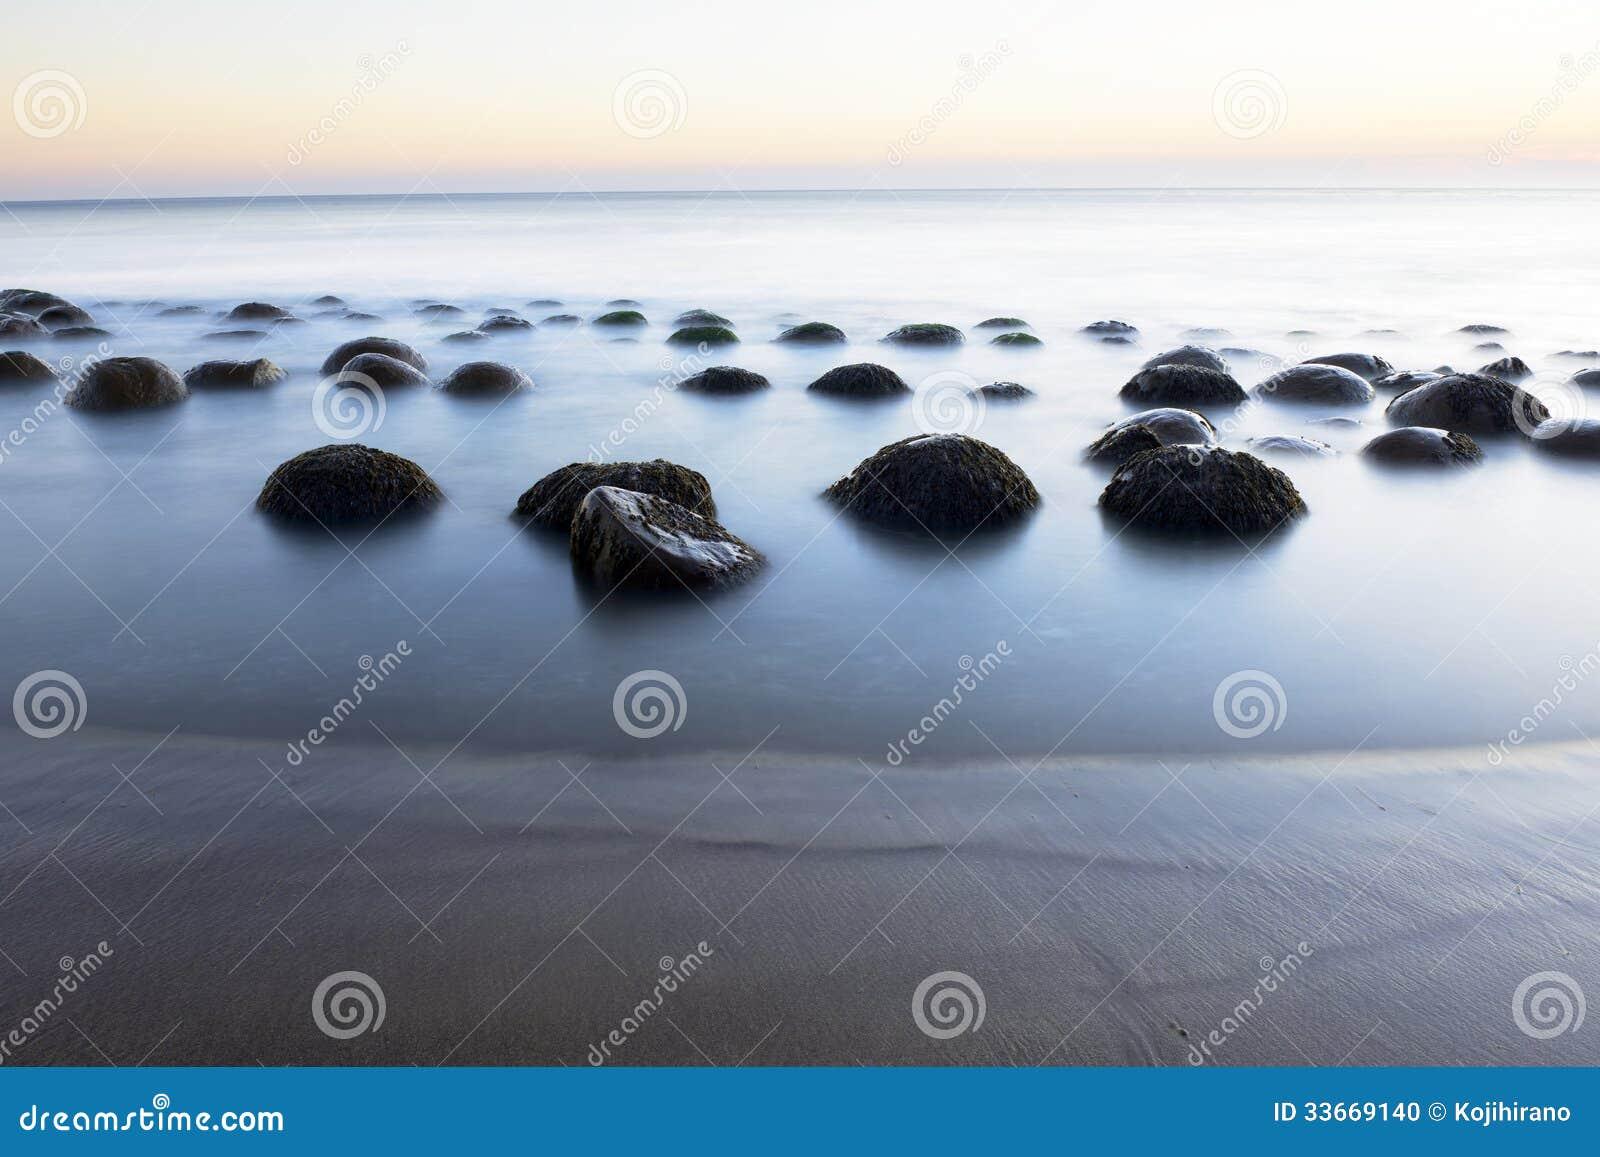 bowling ball beach near - photo #10